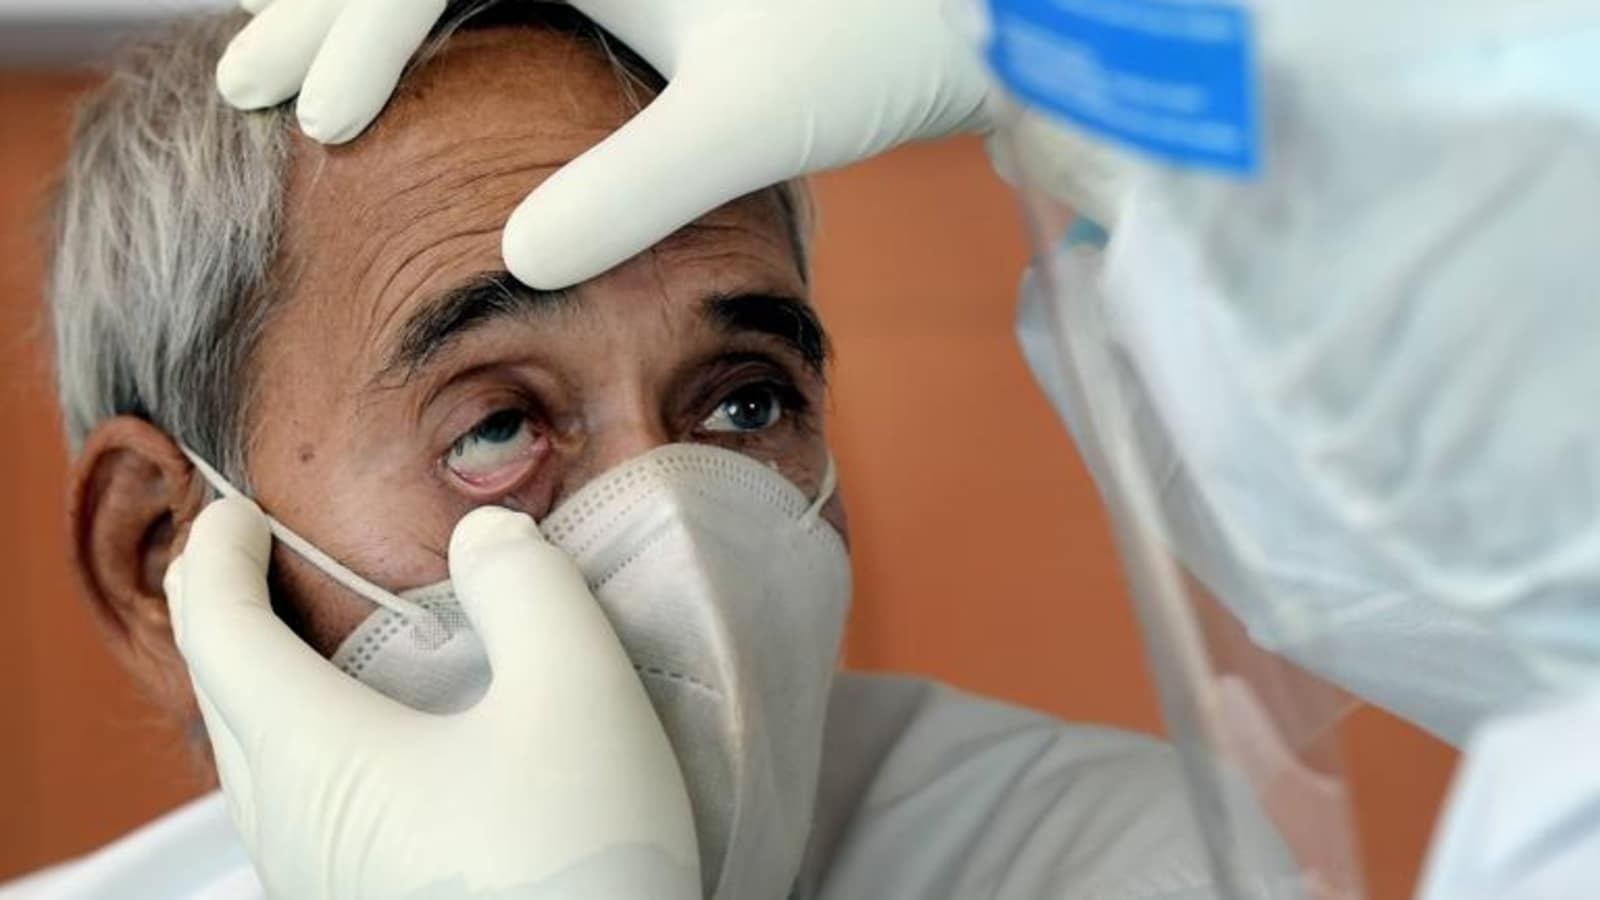 ماذا قال طبيب عُماني عن الفطر الأسود بعد اكتشاف 3 حالات في السلطنة!؟ (شاهد)